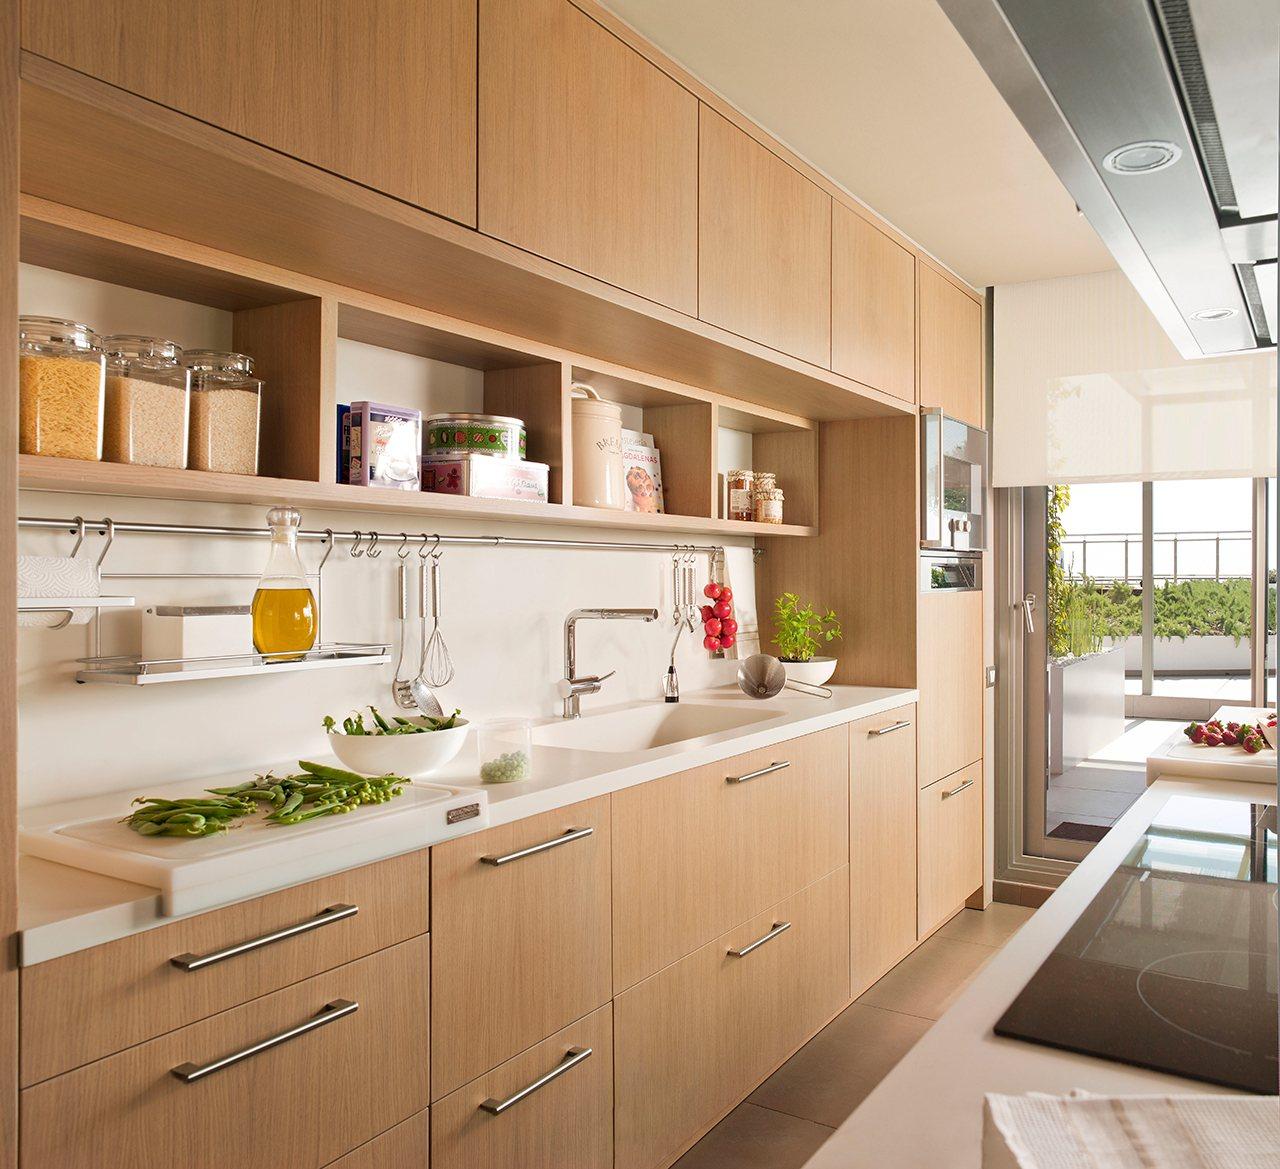 Ideas Para Aprovechar El Espacio En Las Cocinas Peque As ~ Como Amueblar Una Cocina Pequeña